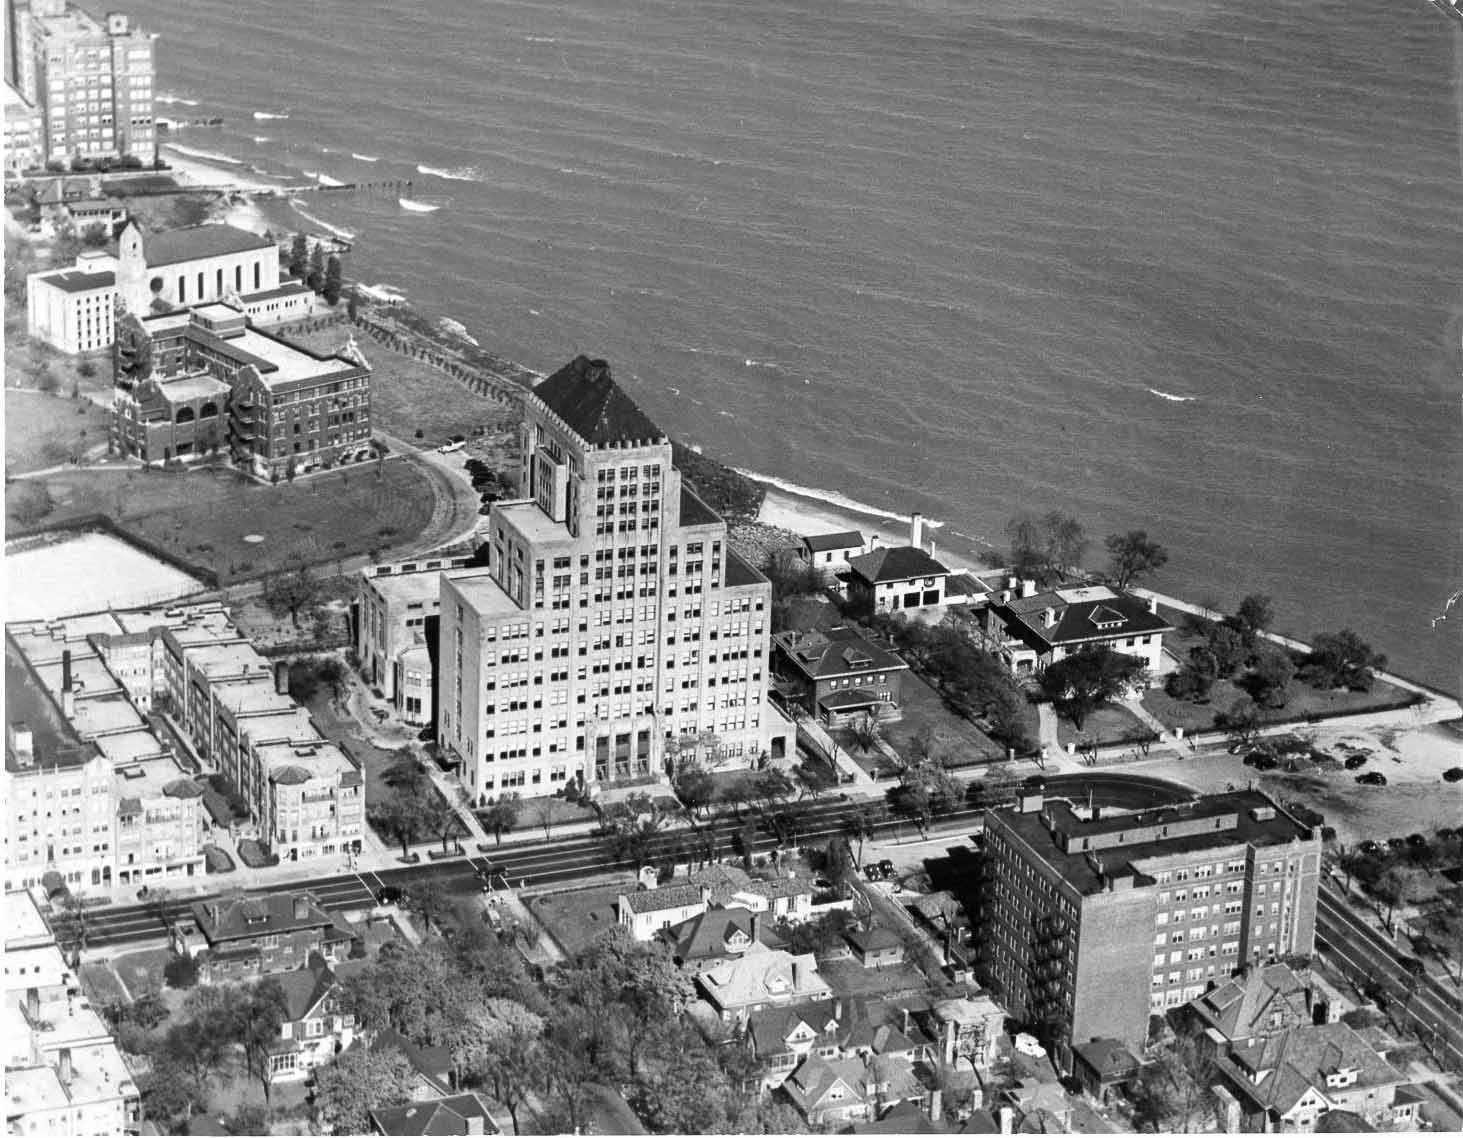 Mundelein aerial view